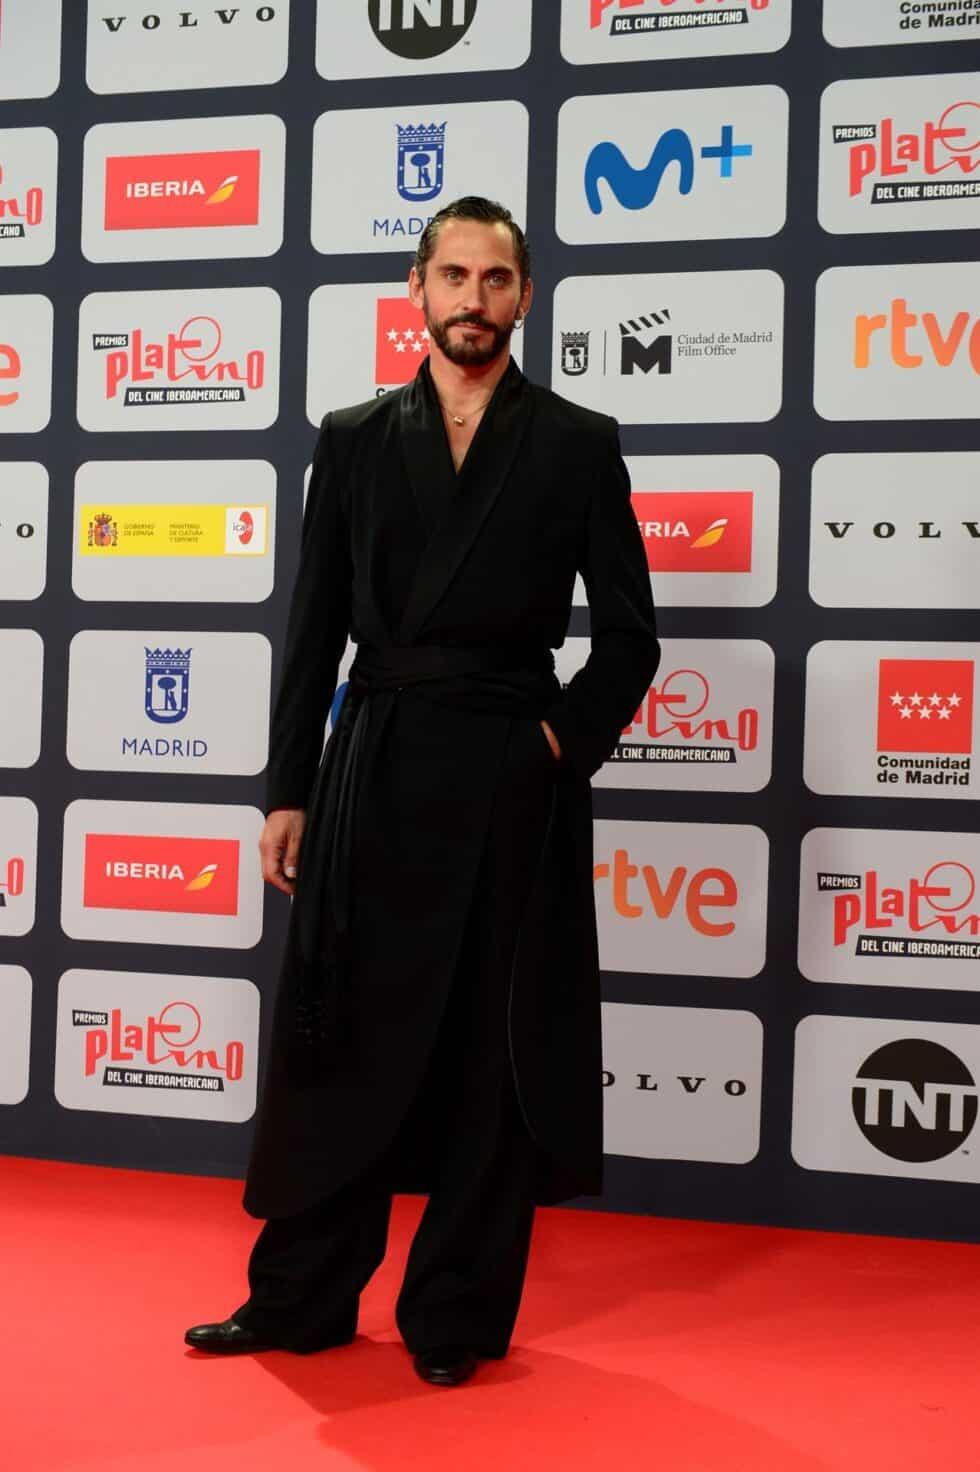 El actor Paco León, a su llegada a la ceremonia de entrega de los Premios Platino del Cine y el Audiovisual Iberoamericano que se celebra este domingo en Madrid